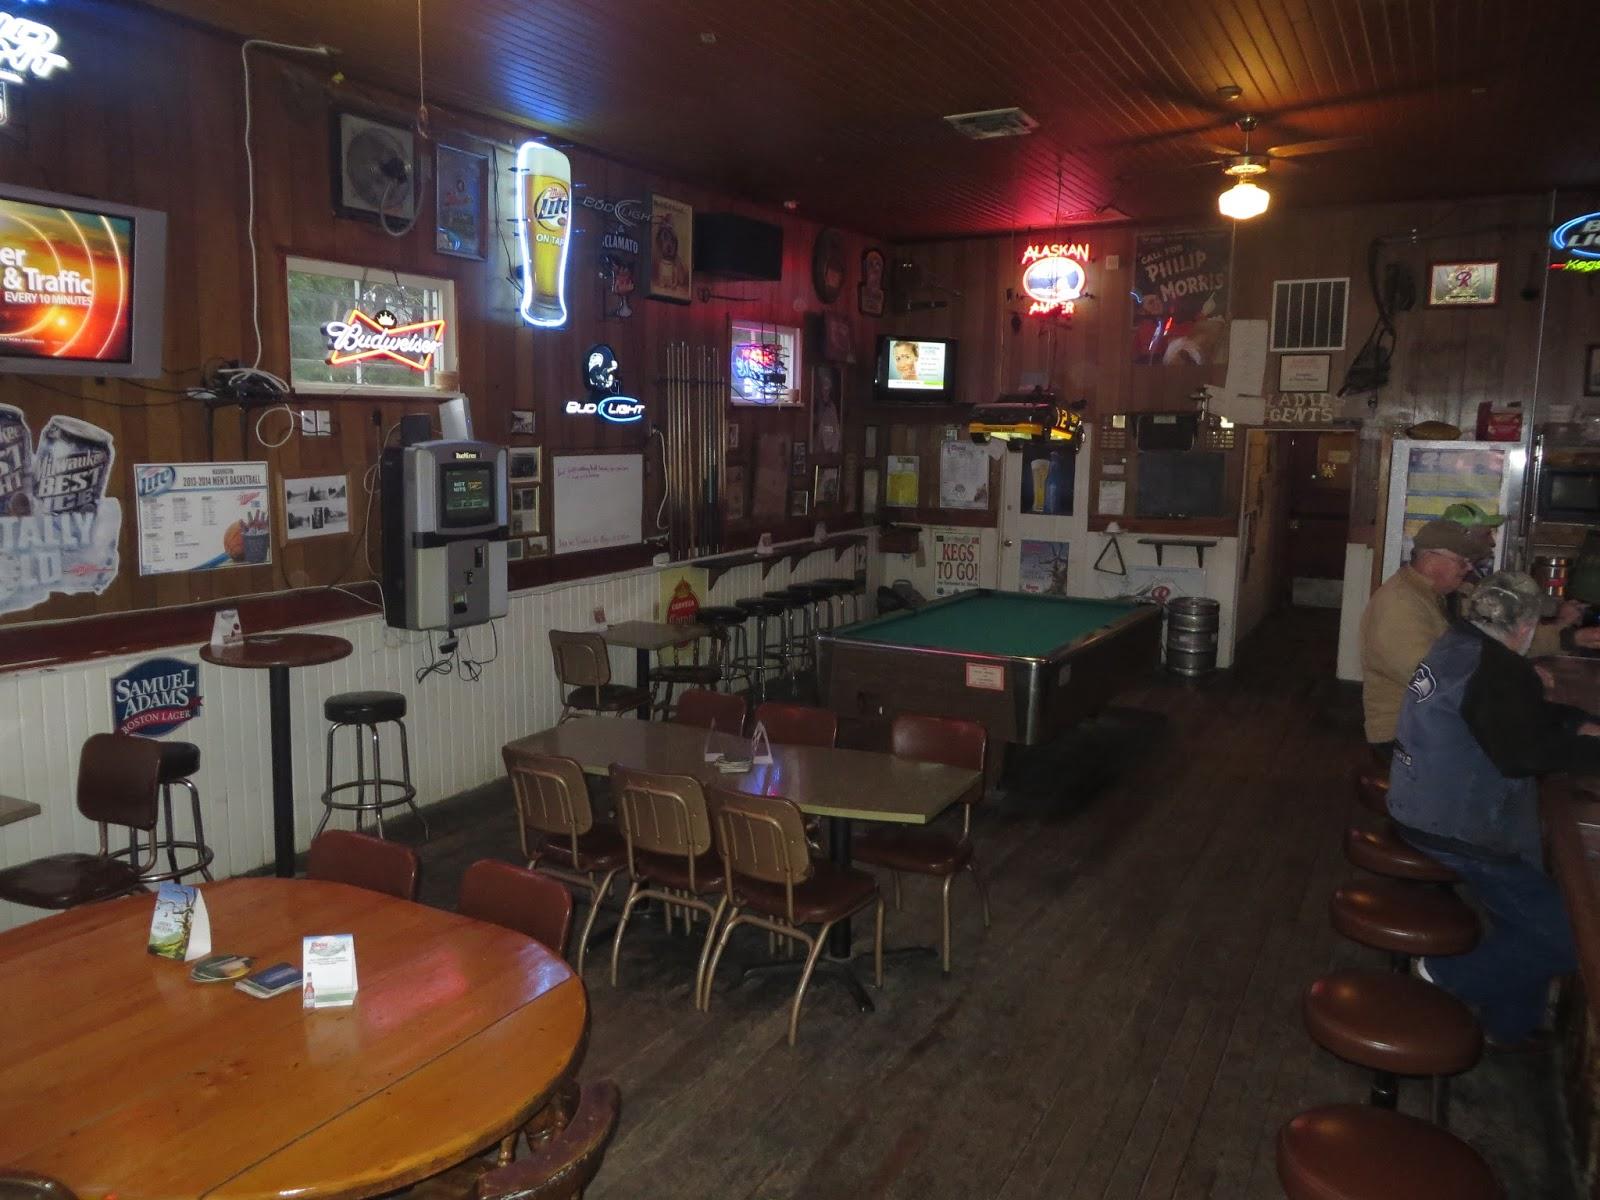 Seattlebars org: #2395 - Exchange Tavern, Spanaway, WA - 1